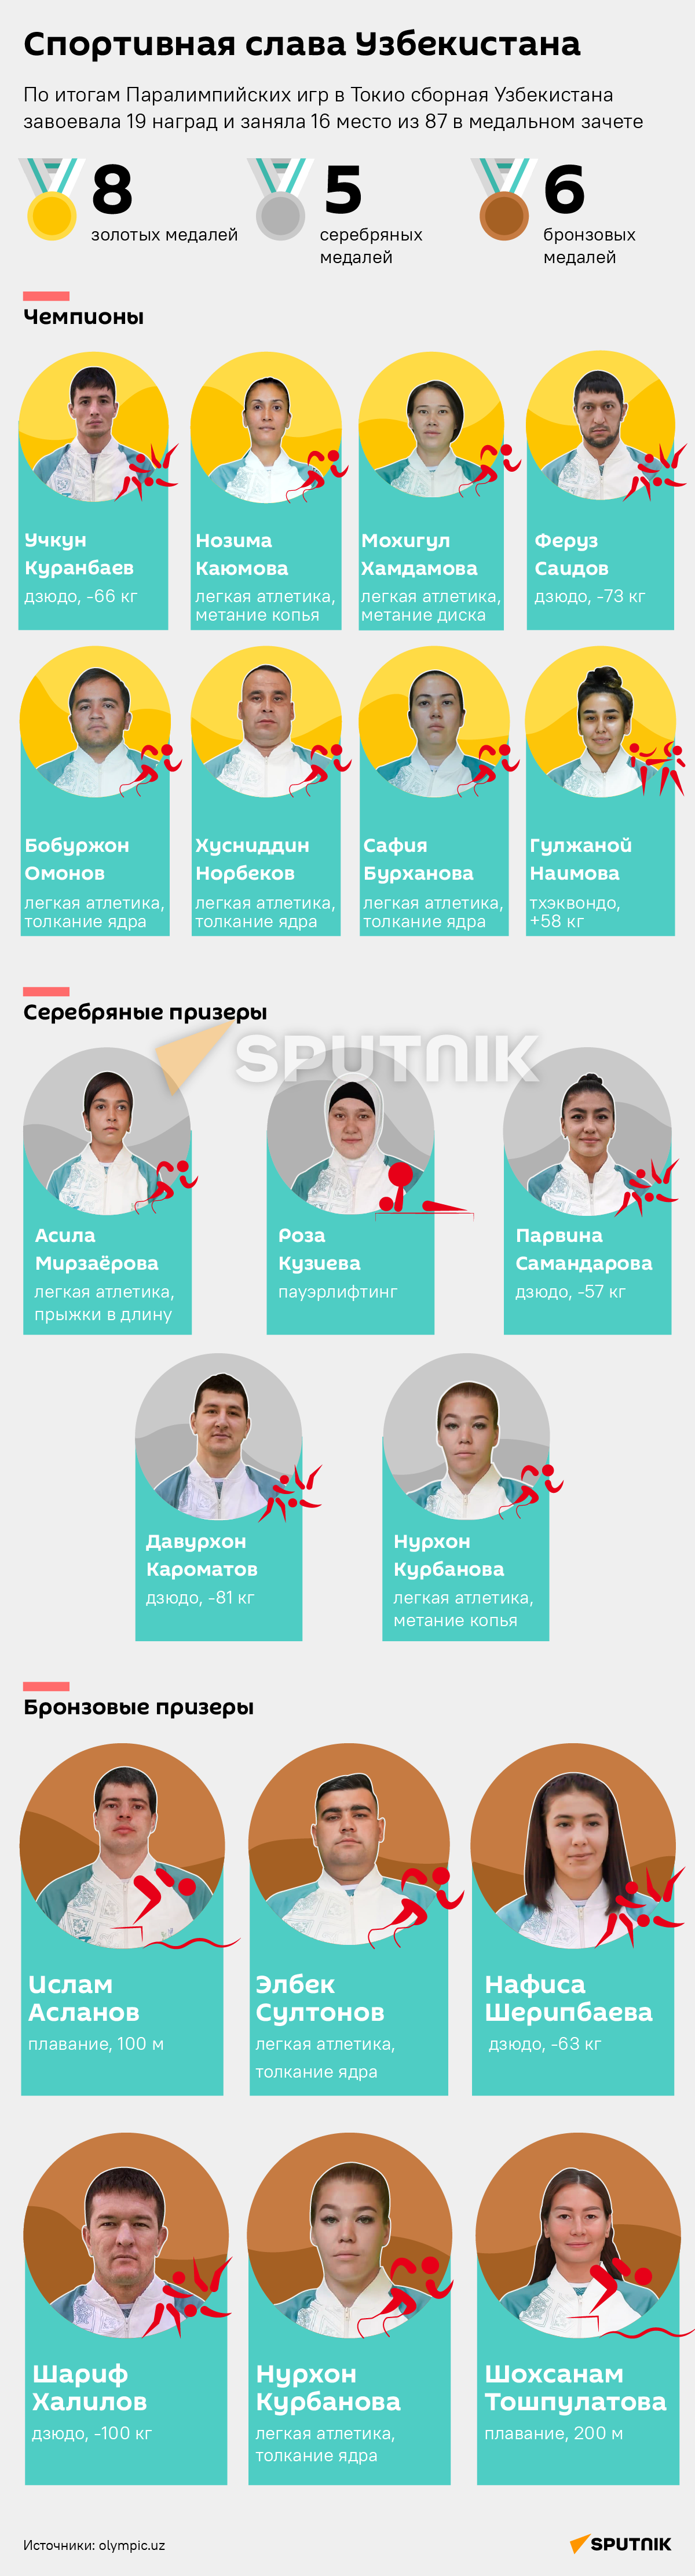 Спортивная слава Узбекистана - Sputnik Узбекистан